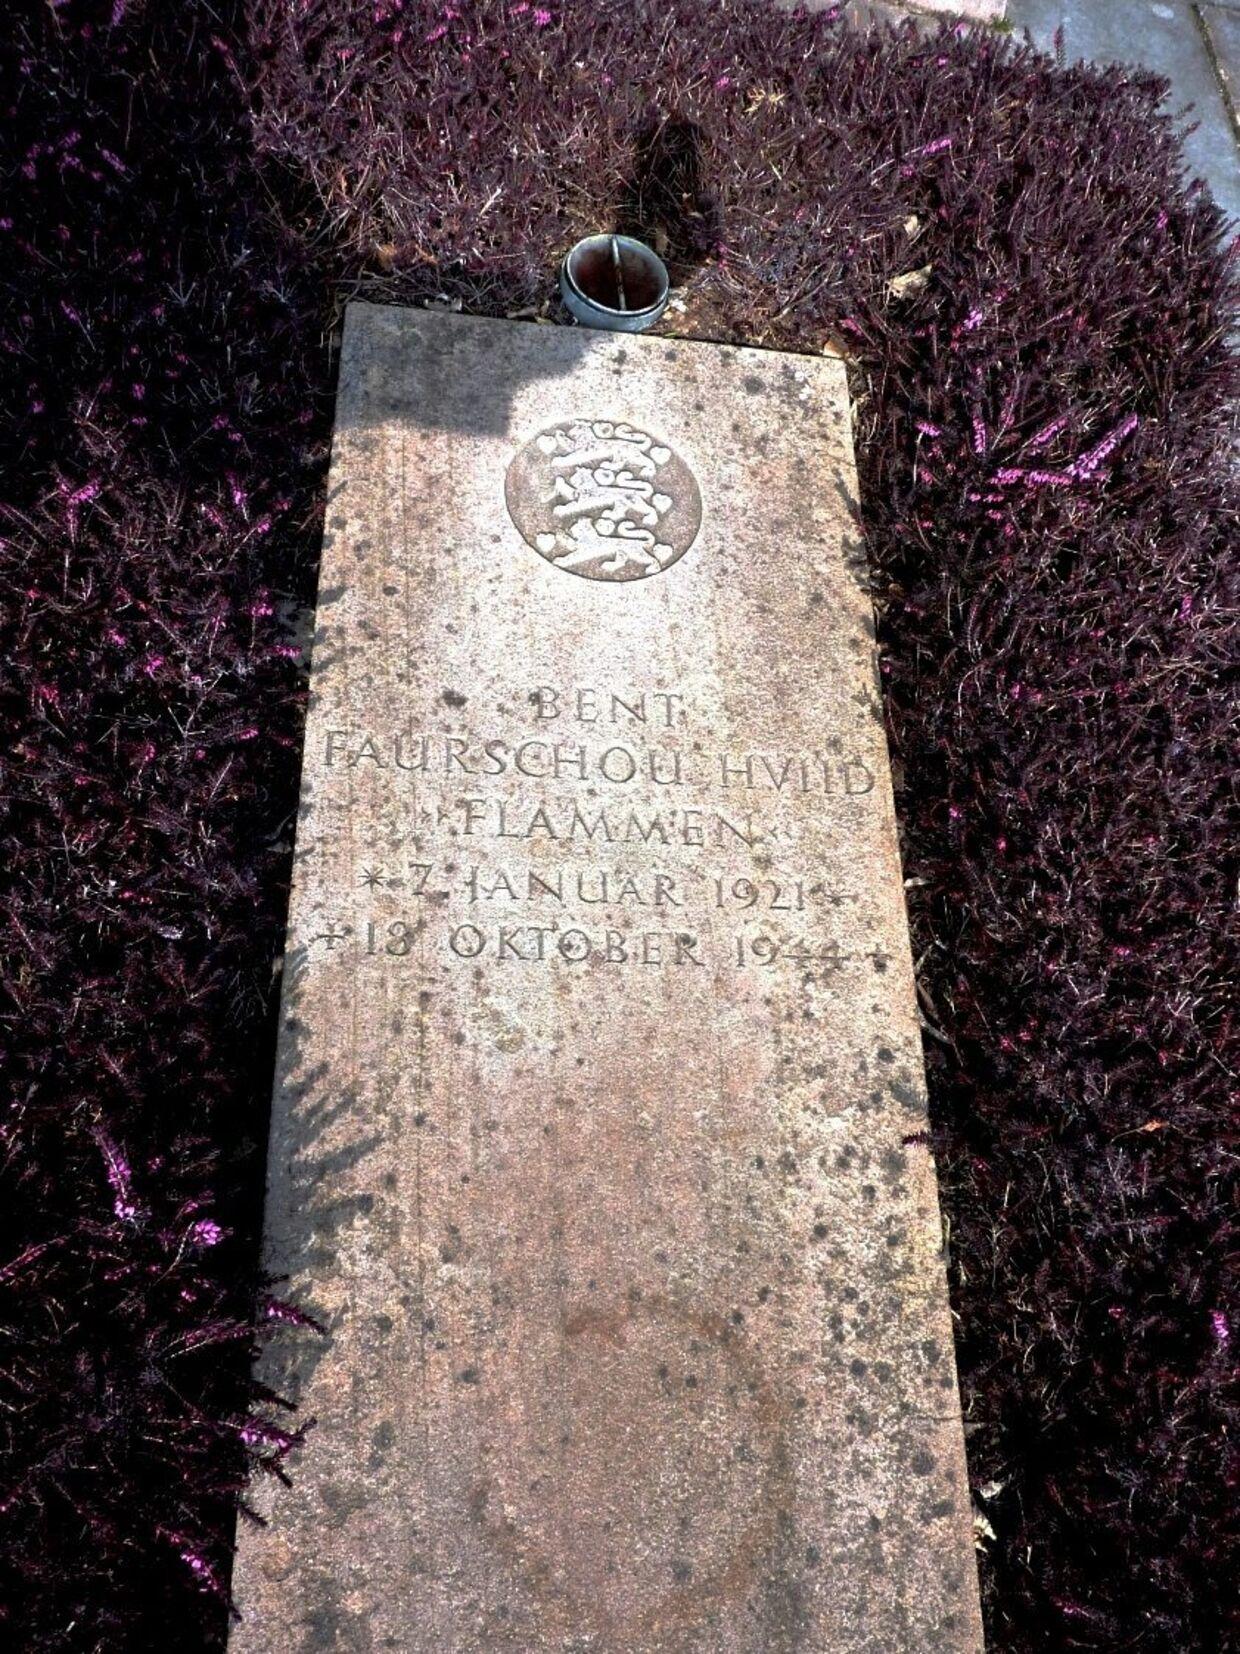 Flammens mor døde i januar 1945, og hans far døde et halvt år efter. Dette kan være medvirkende årsag til, at der på gravstenen ikke står en kort inskription.